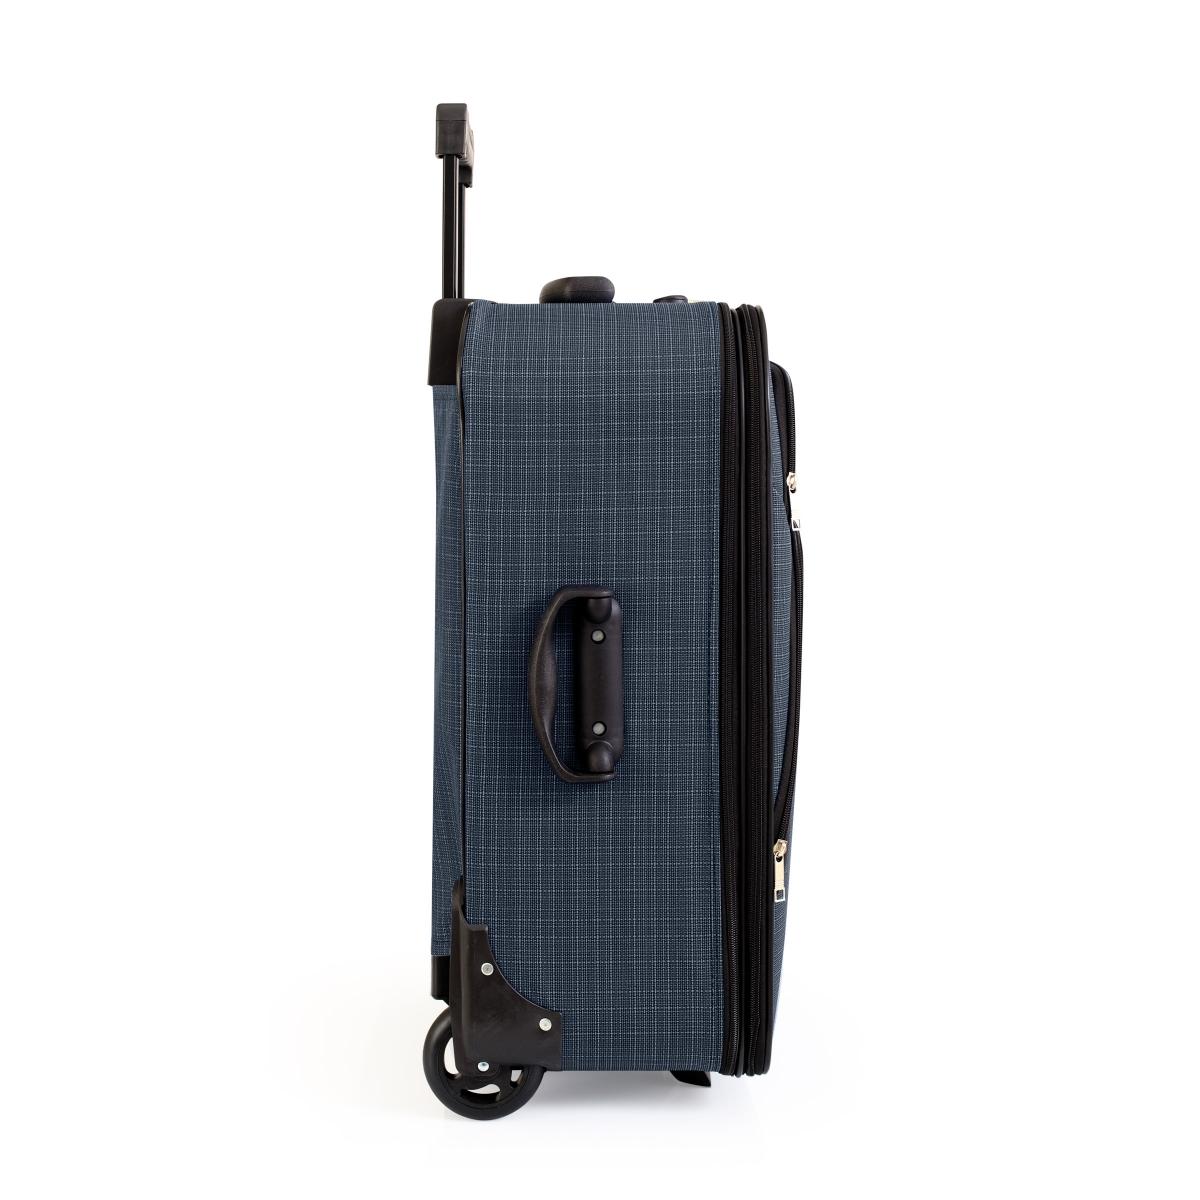 Gedox 2 Teker Geniş Kasa Havlu Kumaş 3'lü Valiz Seyahat Seti - Model: 1005.04 Lacivert